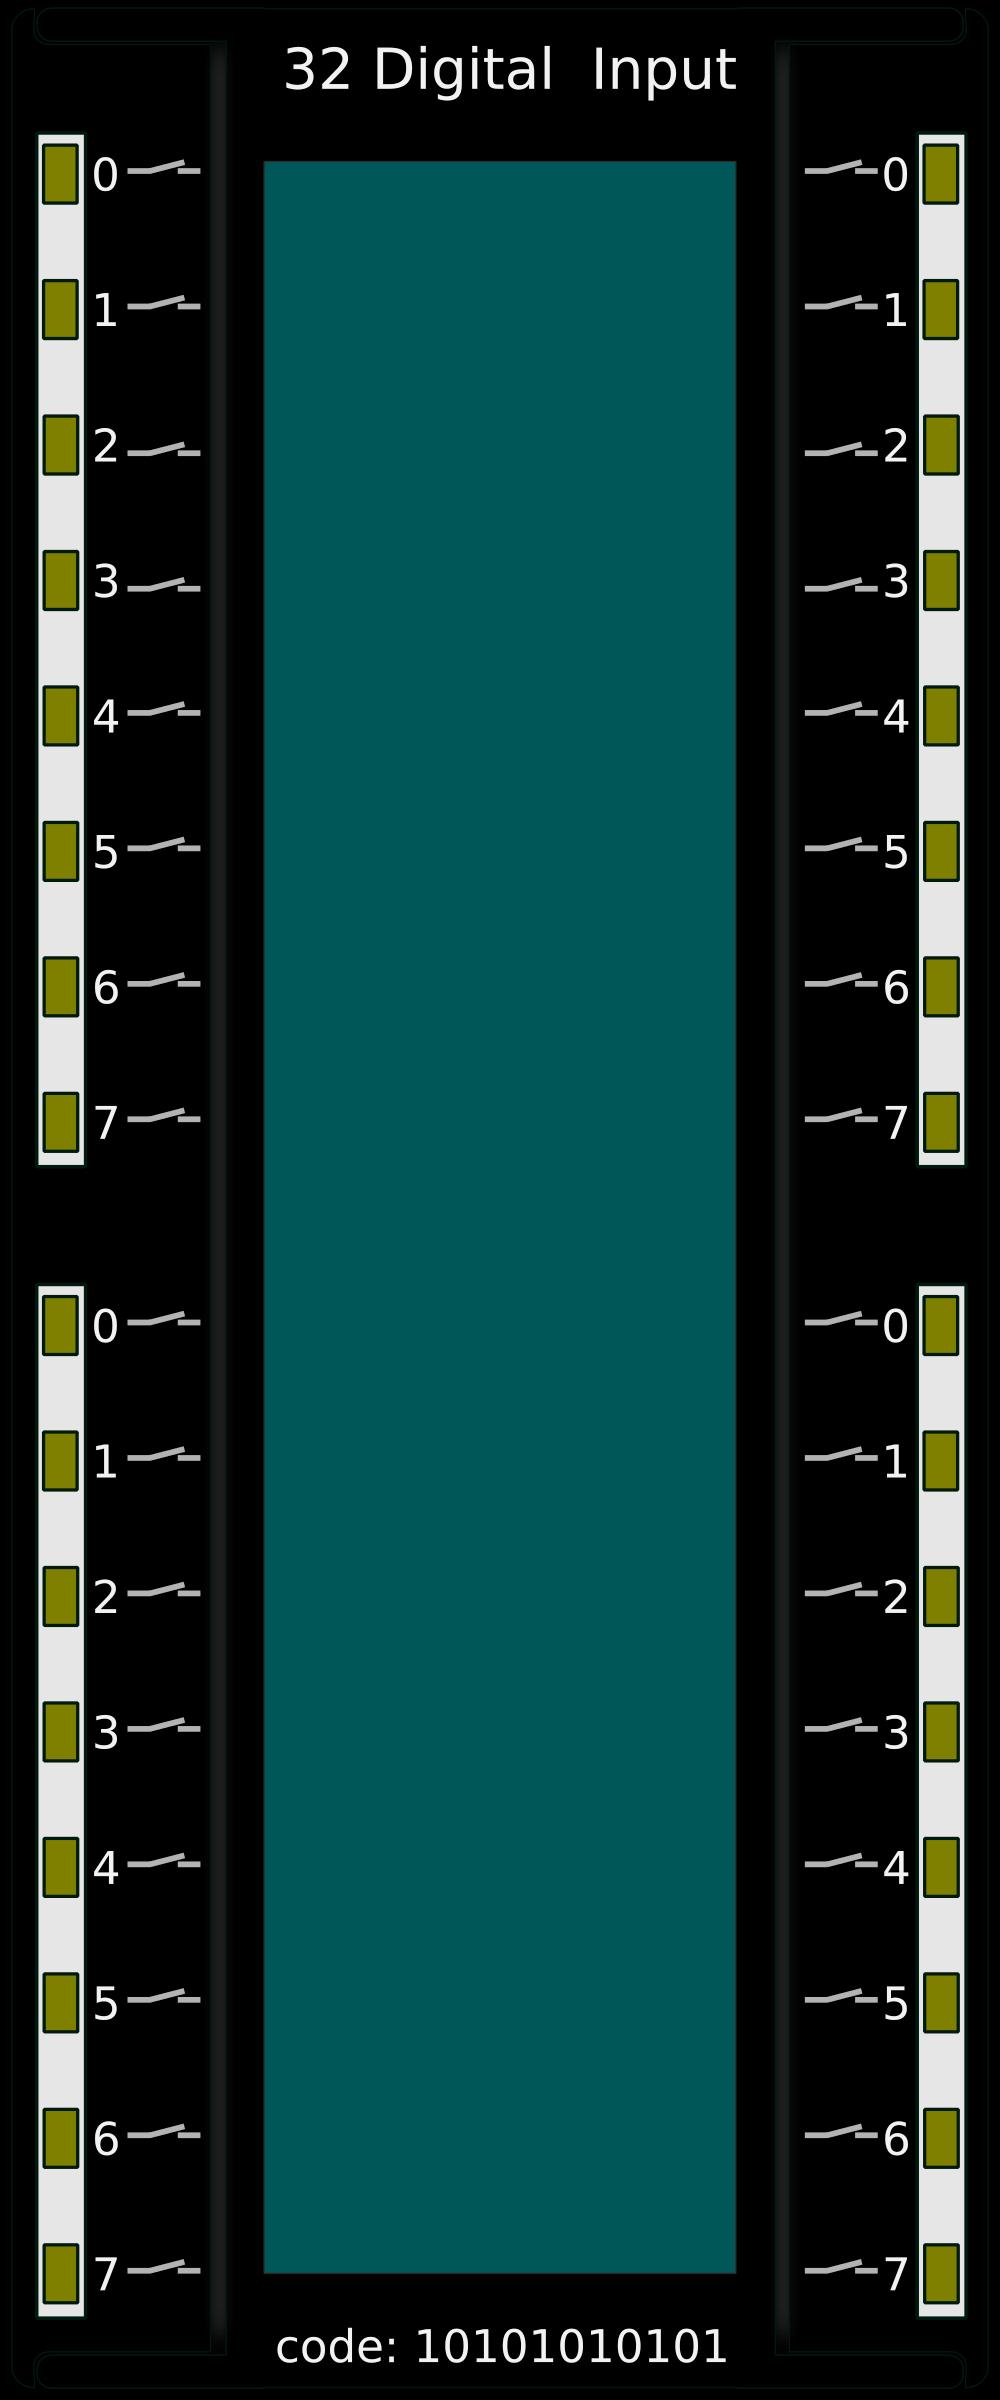 Volt Png >> Clipart - PLC 32 Digital Input